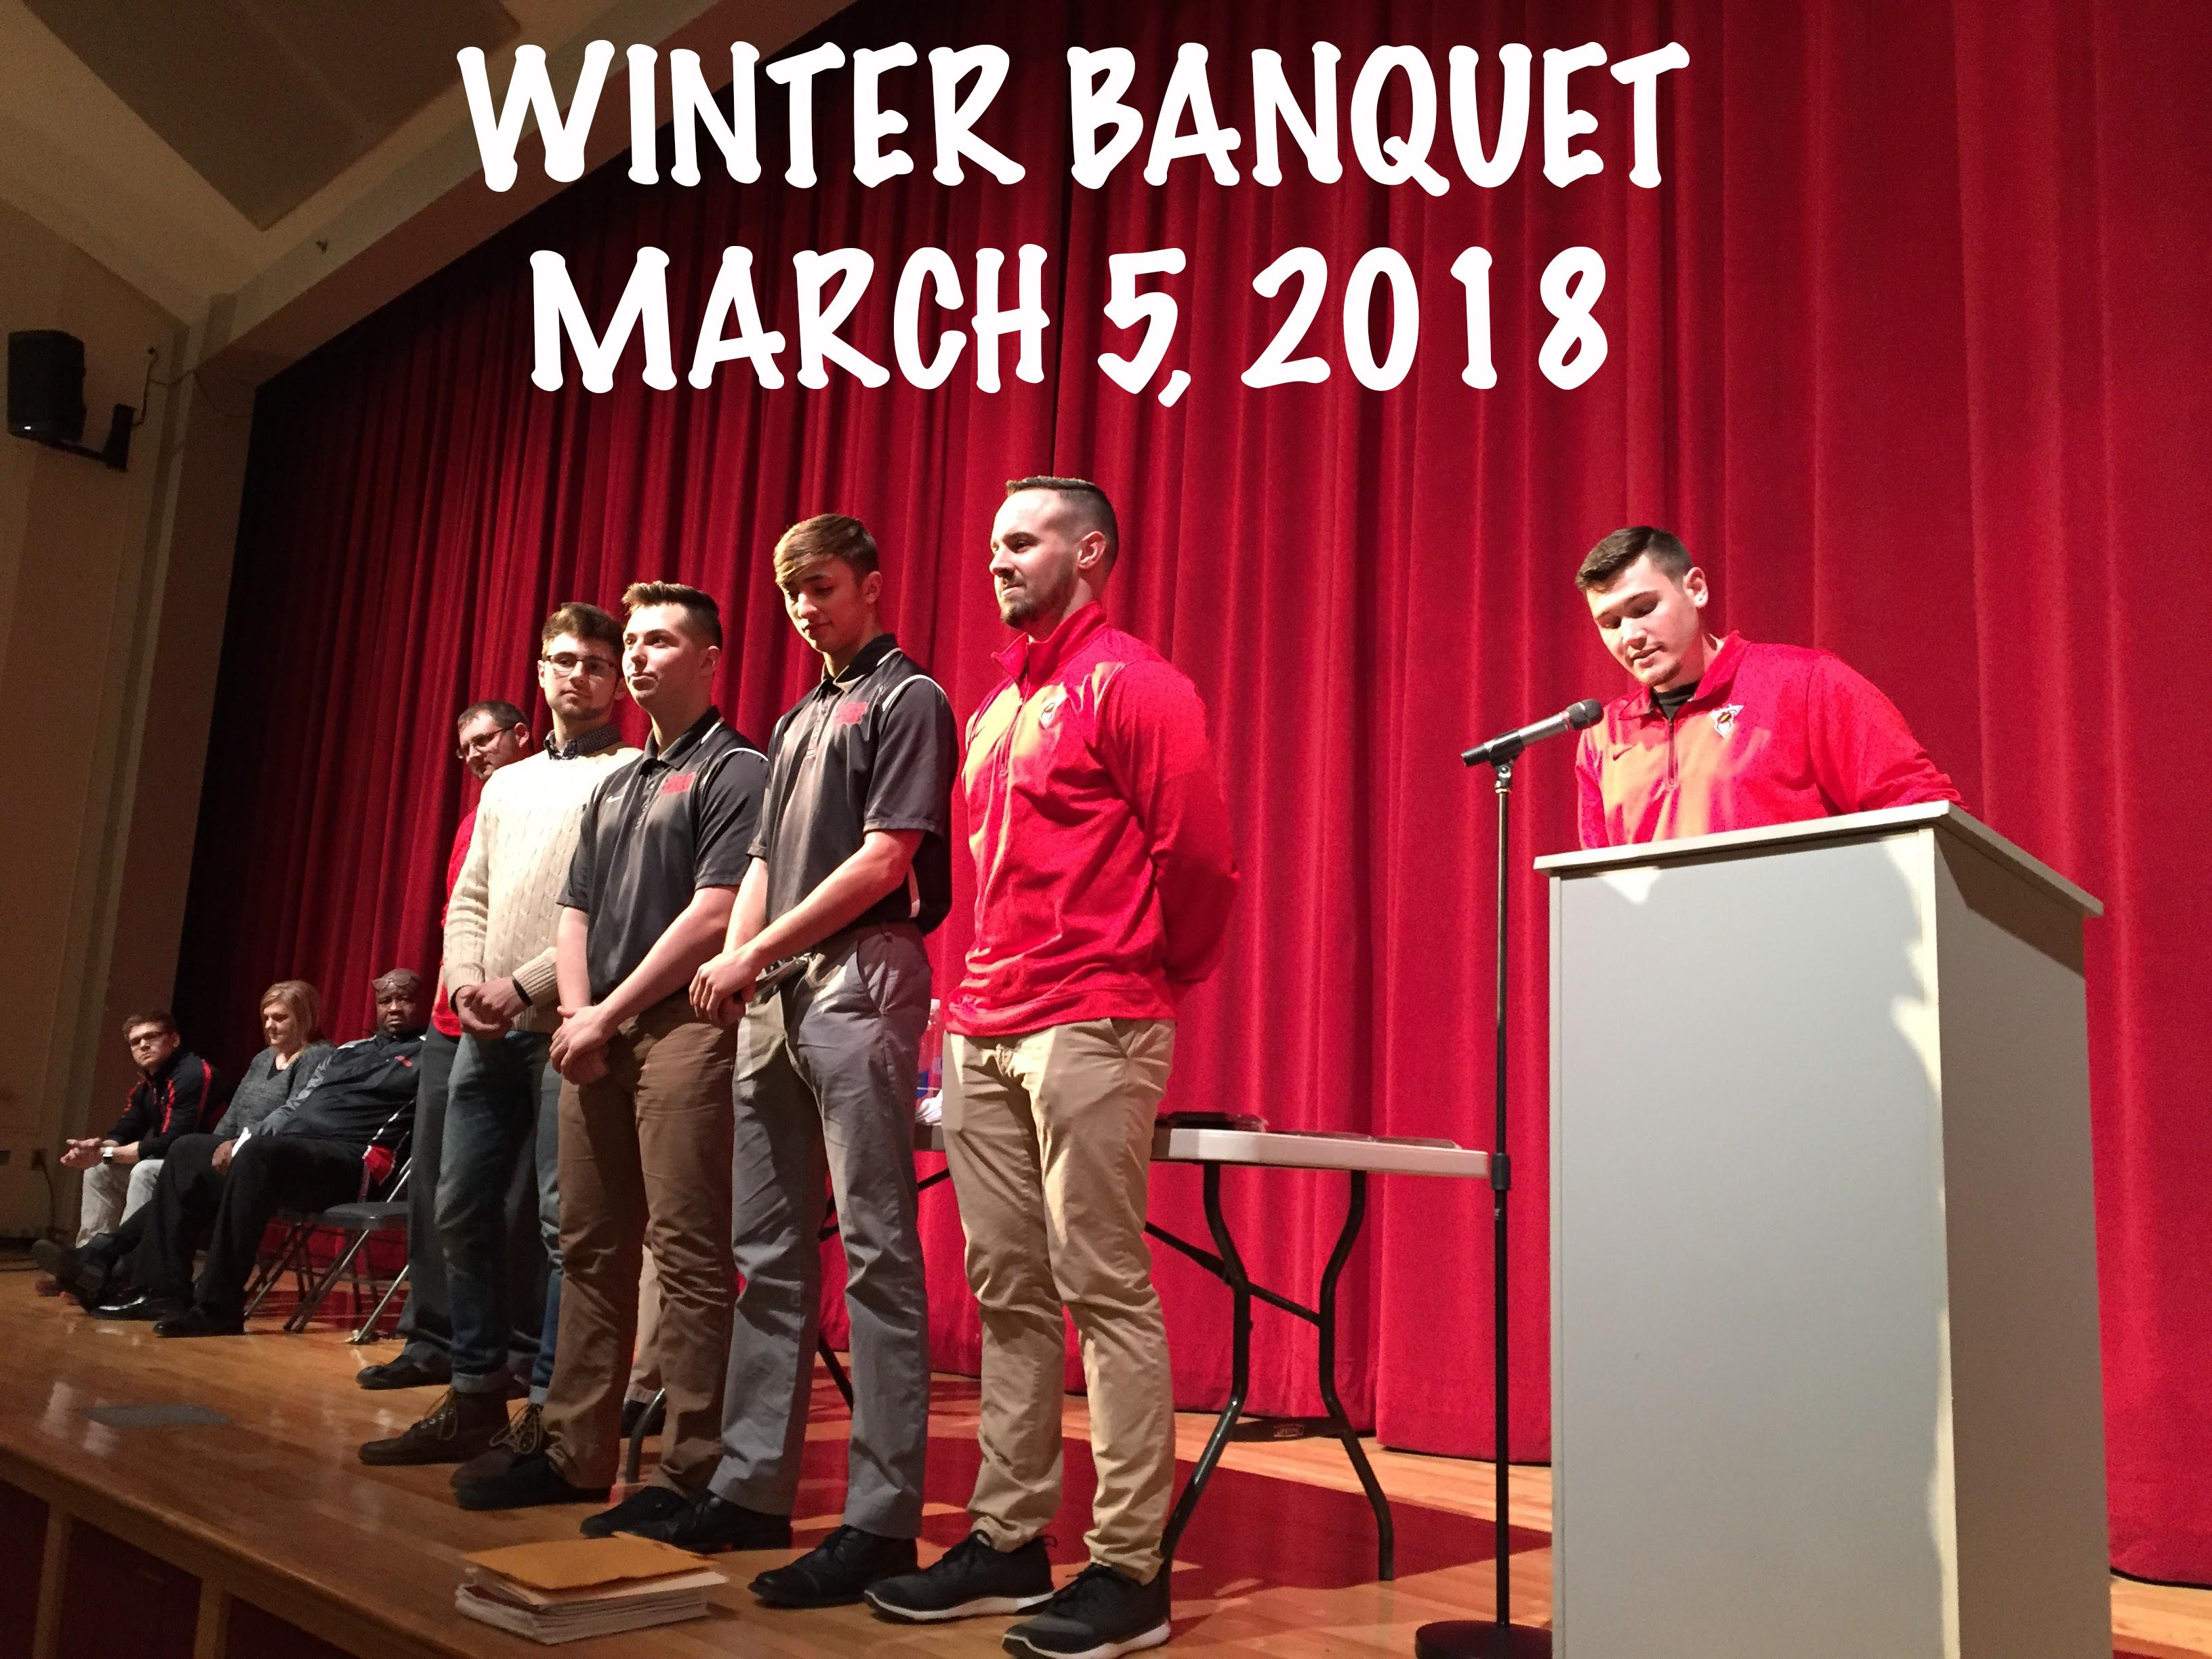 Winter Banquet March 5